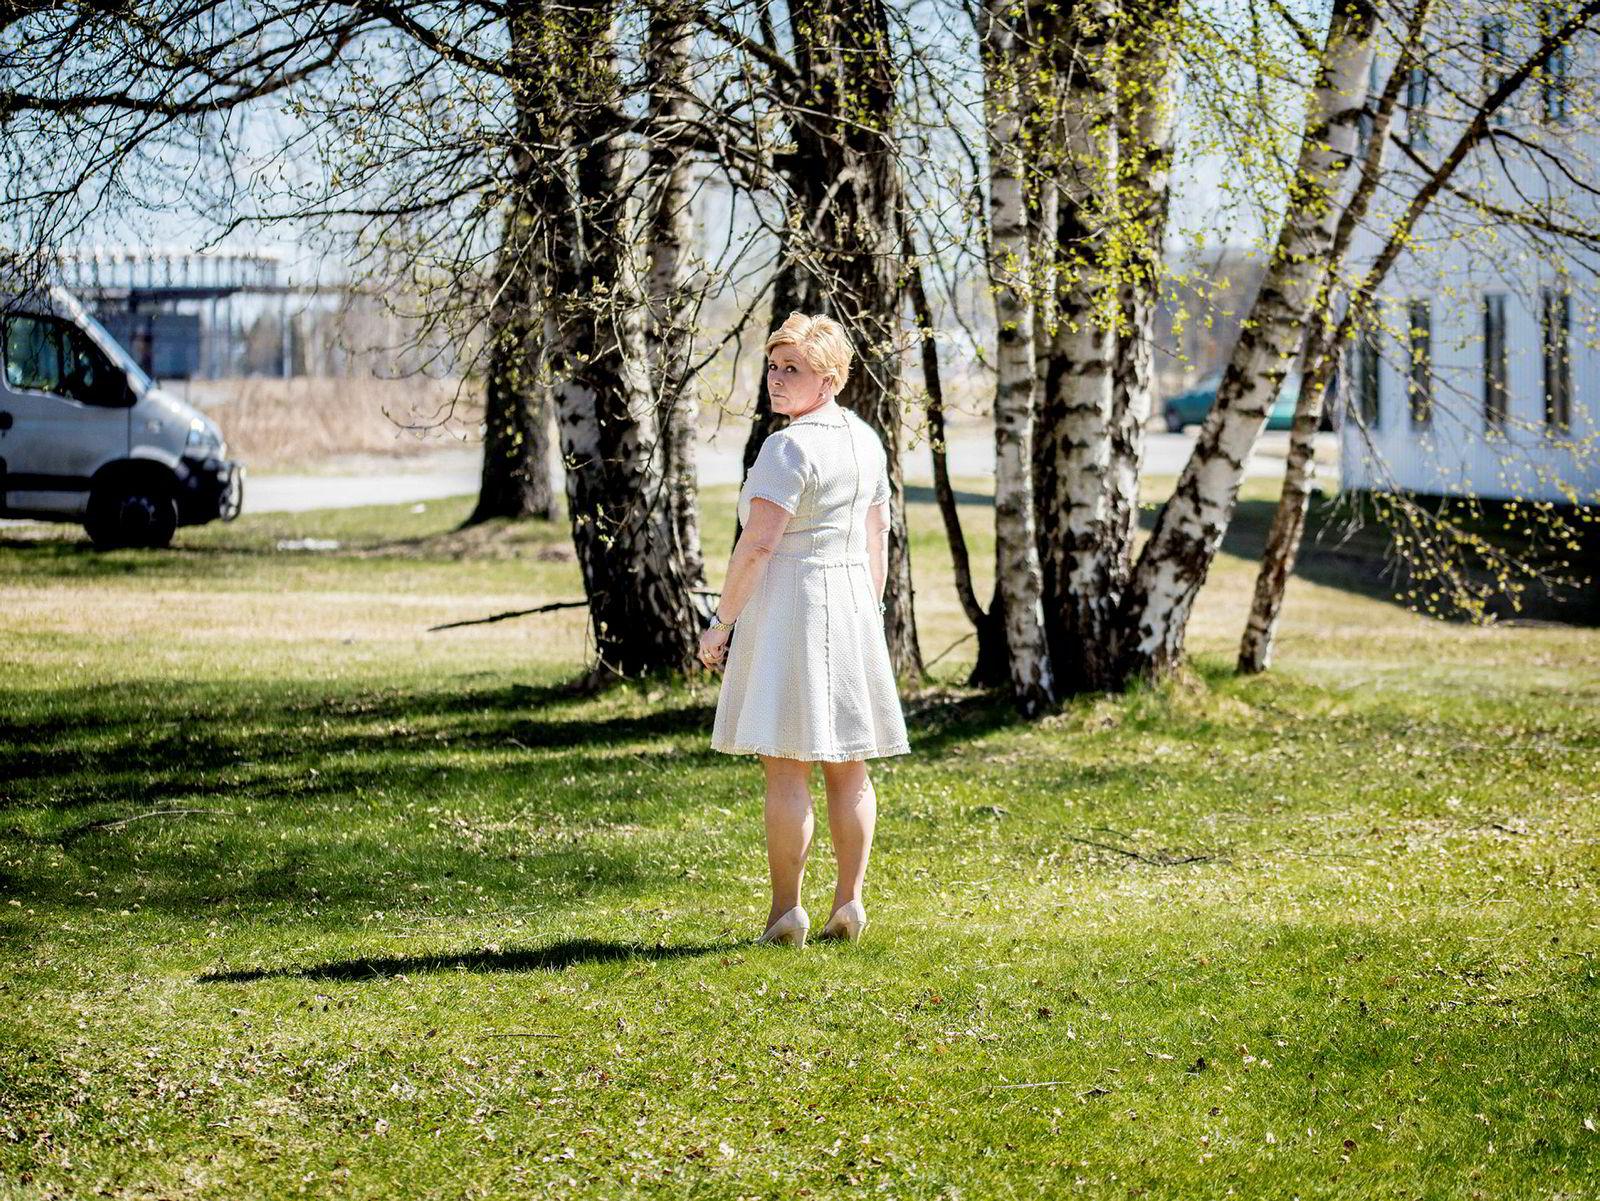 Frp-leder og finansminister Siv Jensen strekker på bena i vårsolen før hun skal åpne Frps landsmøte. Inne i salen ble hun møtt med ett minutts stående applaus fra et parti som virket fornøyd med livet i regjering.